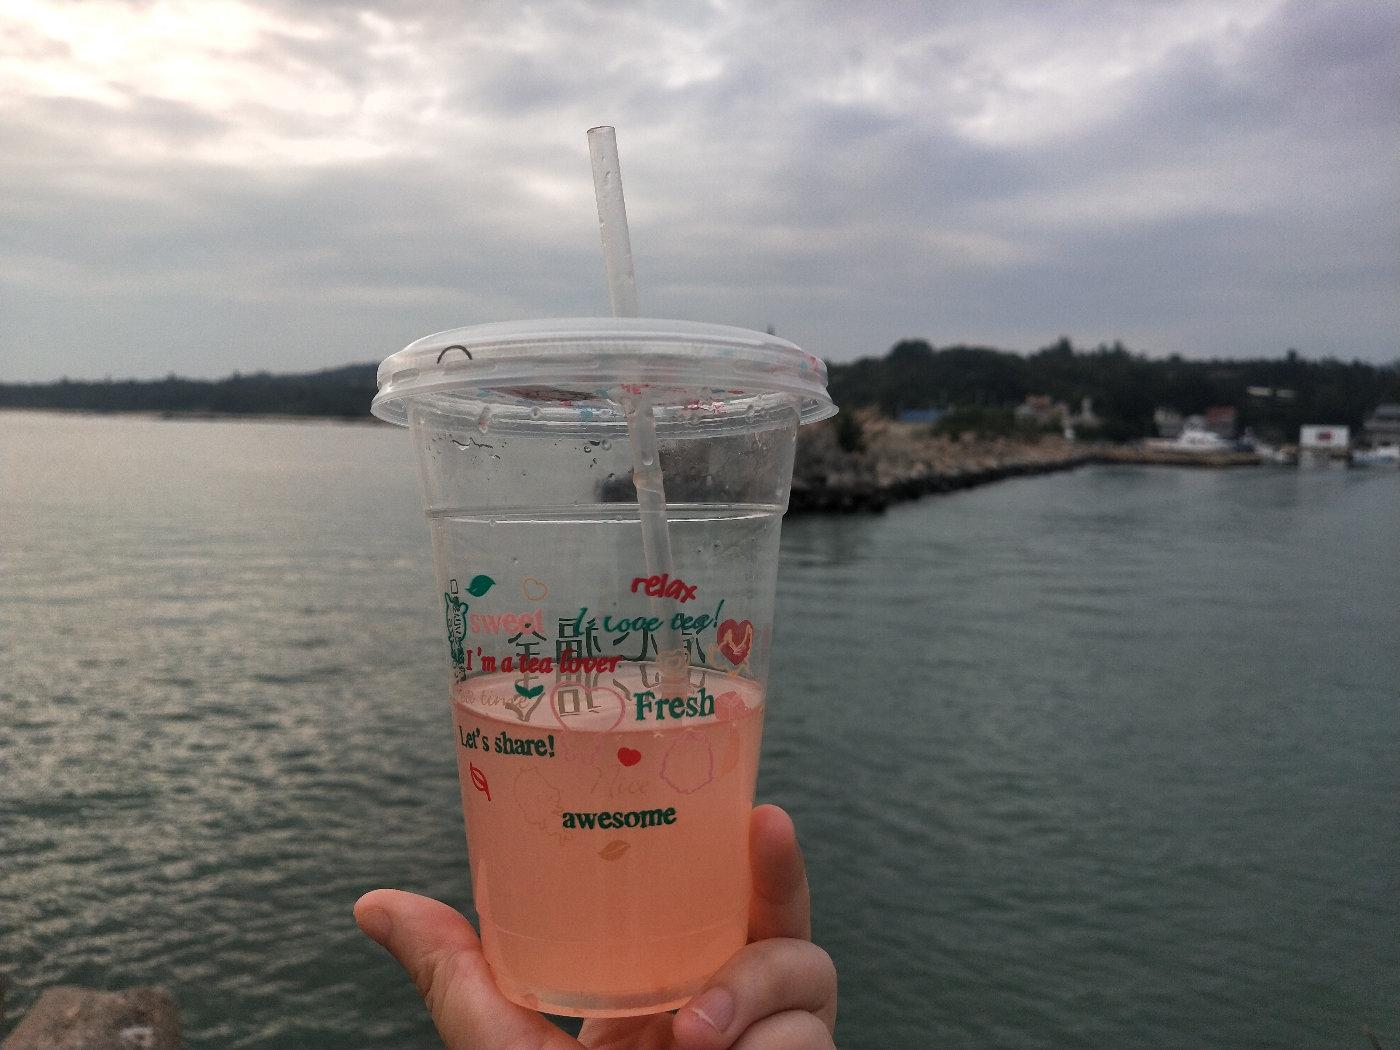 饮料就是要配大海啊,一口清凉,满眼清凉